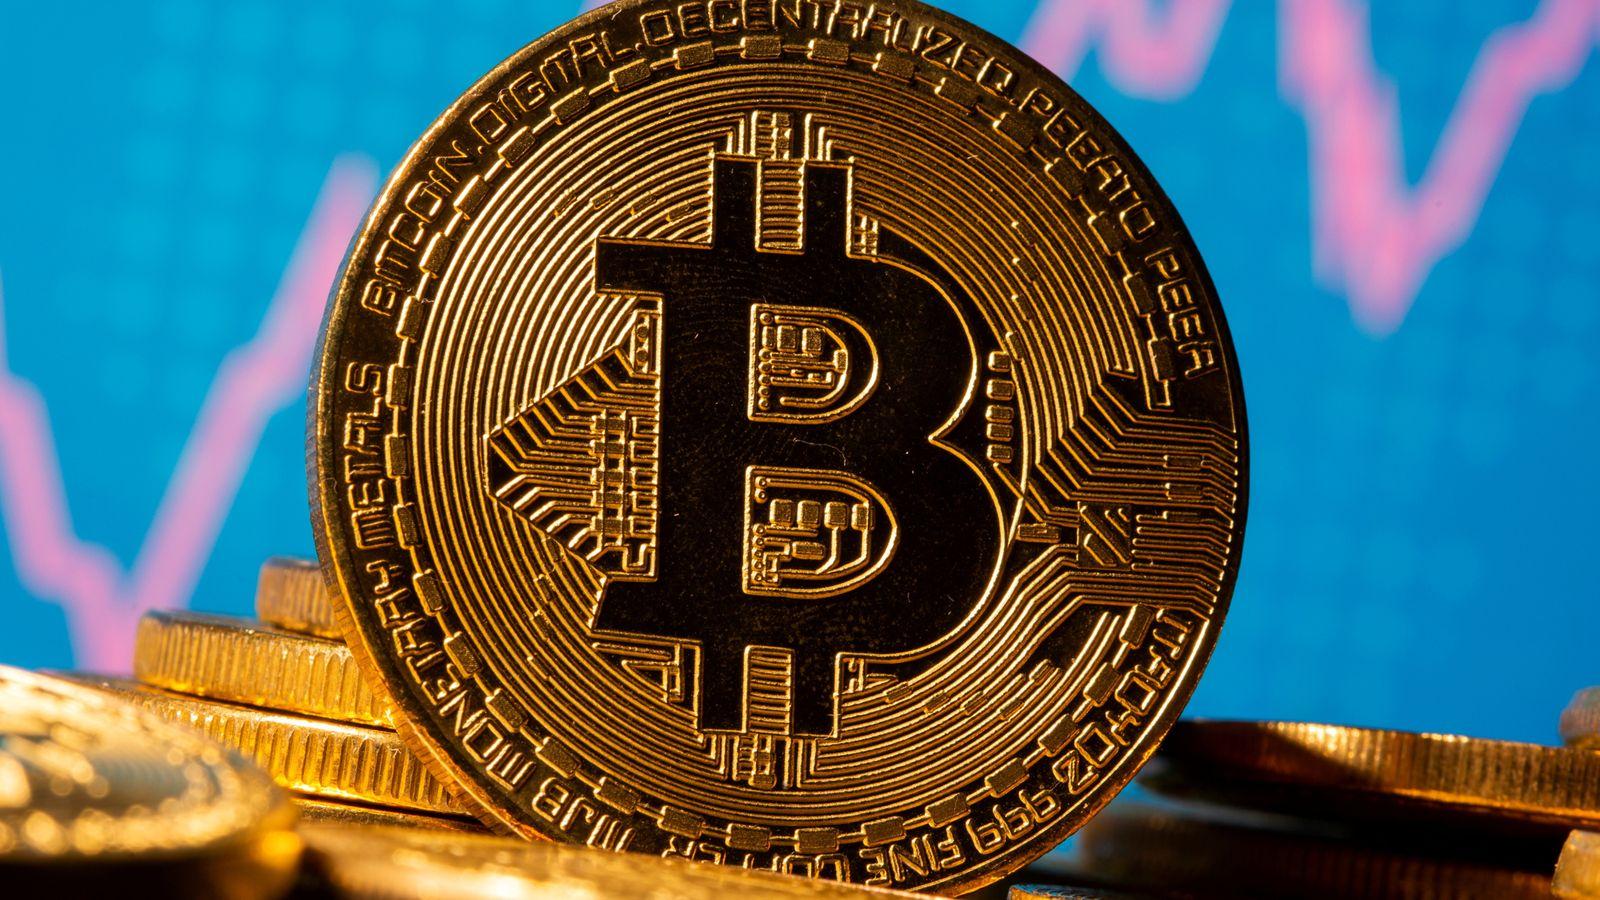 کمیسیون بورس و اوراق بهادار آمریکا مجوز معامله در اولین EFT بیت کوین را صادر میکند